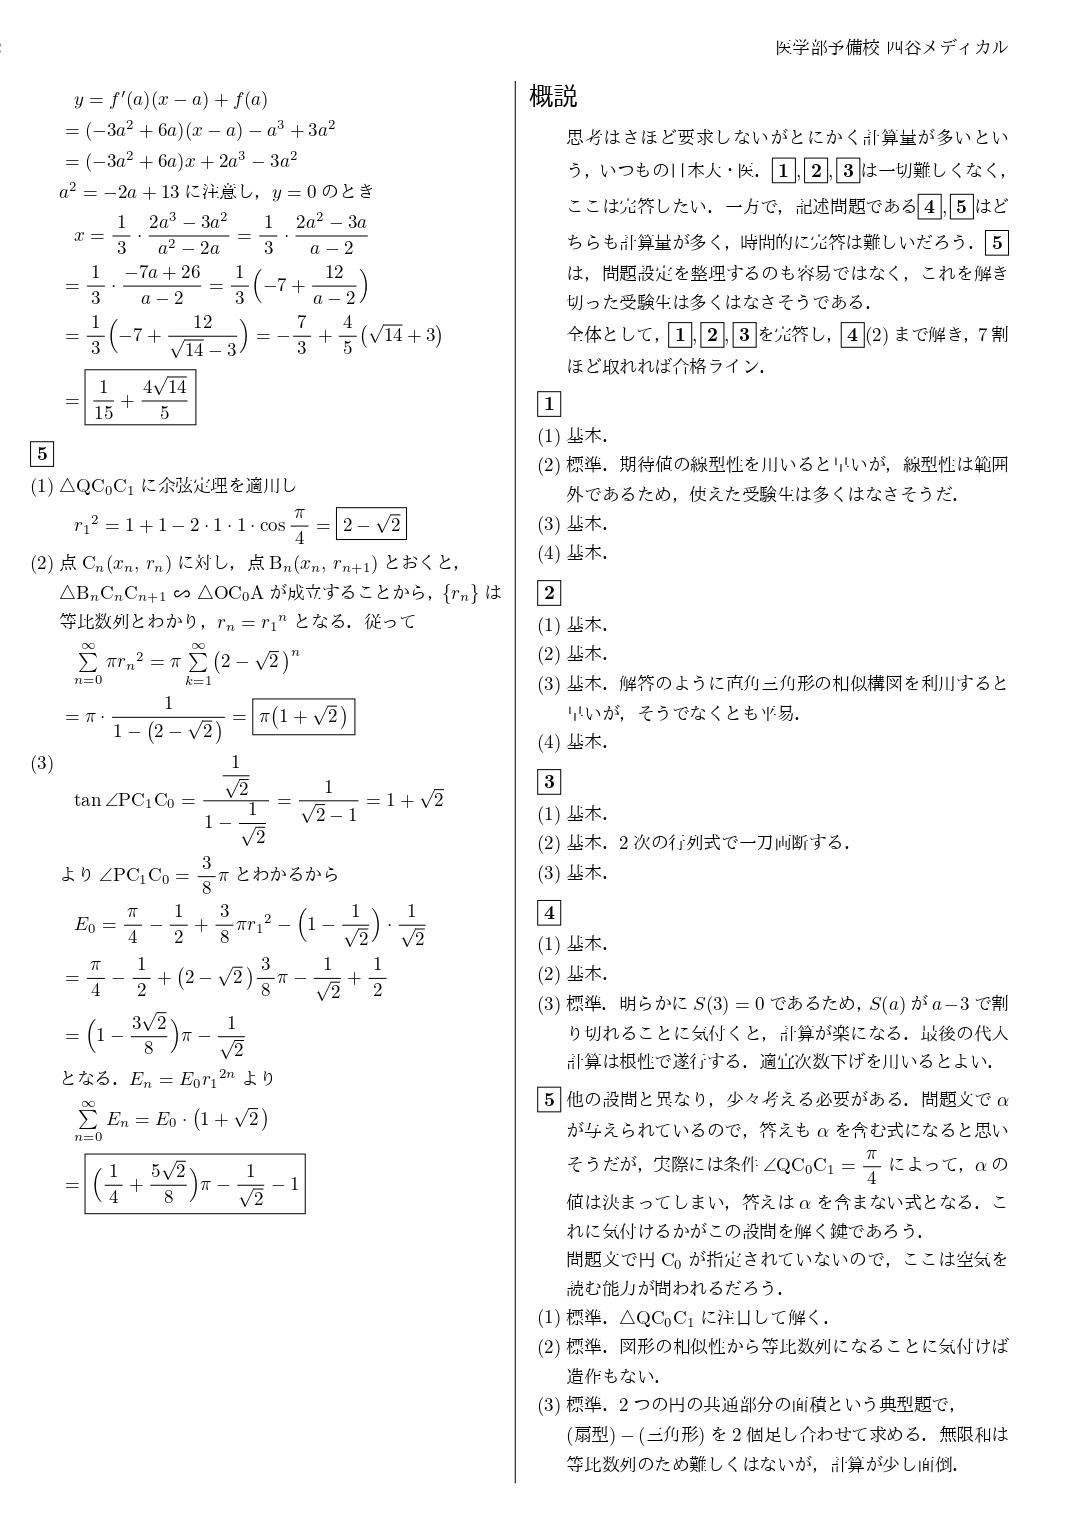 大学 解答 速報 日本